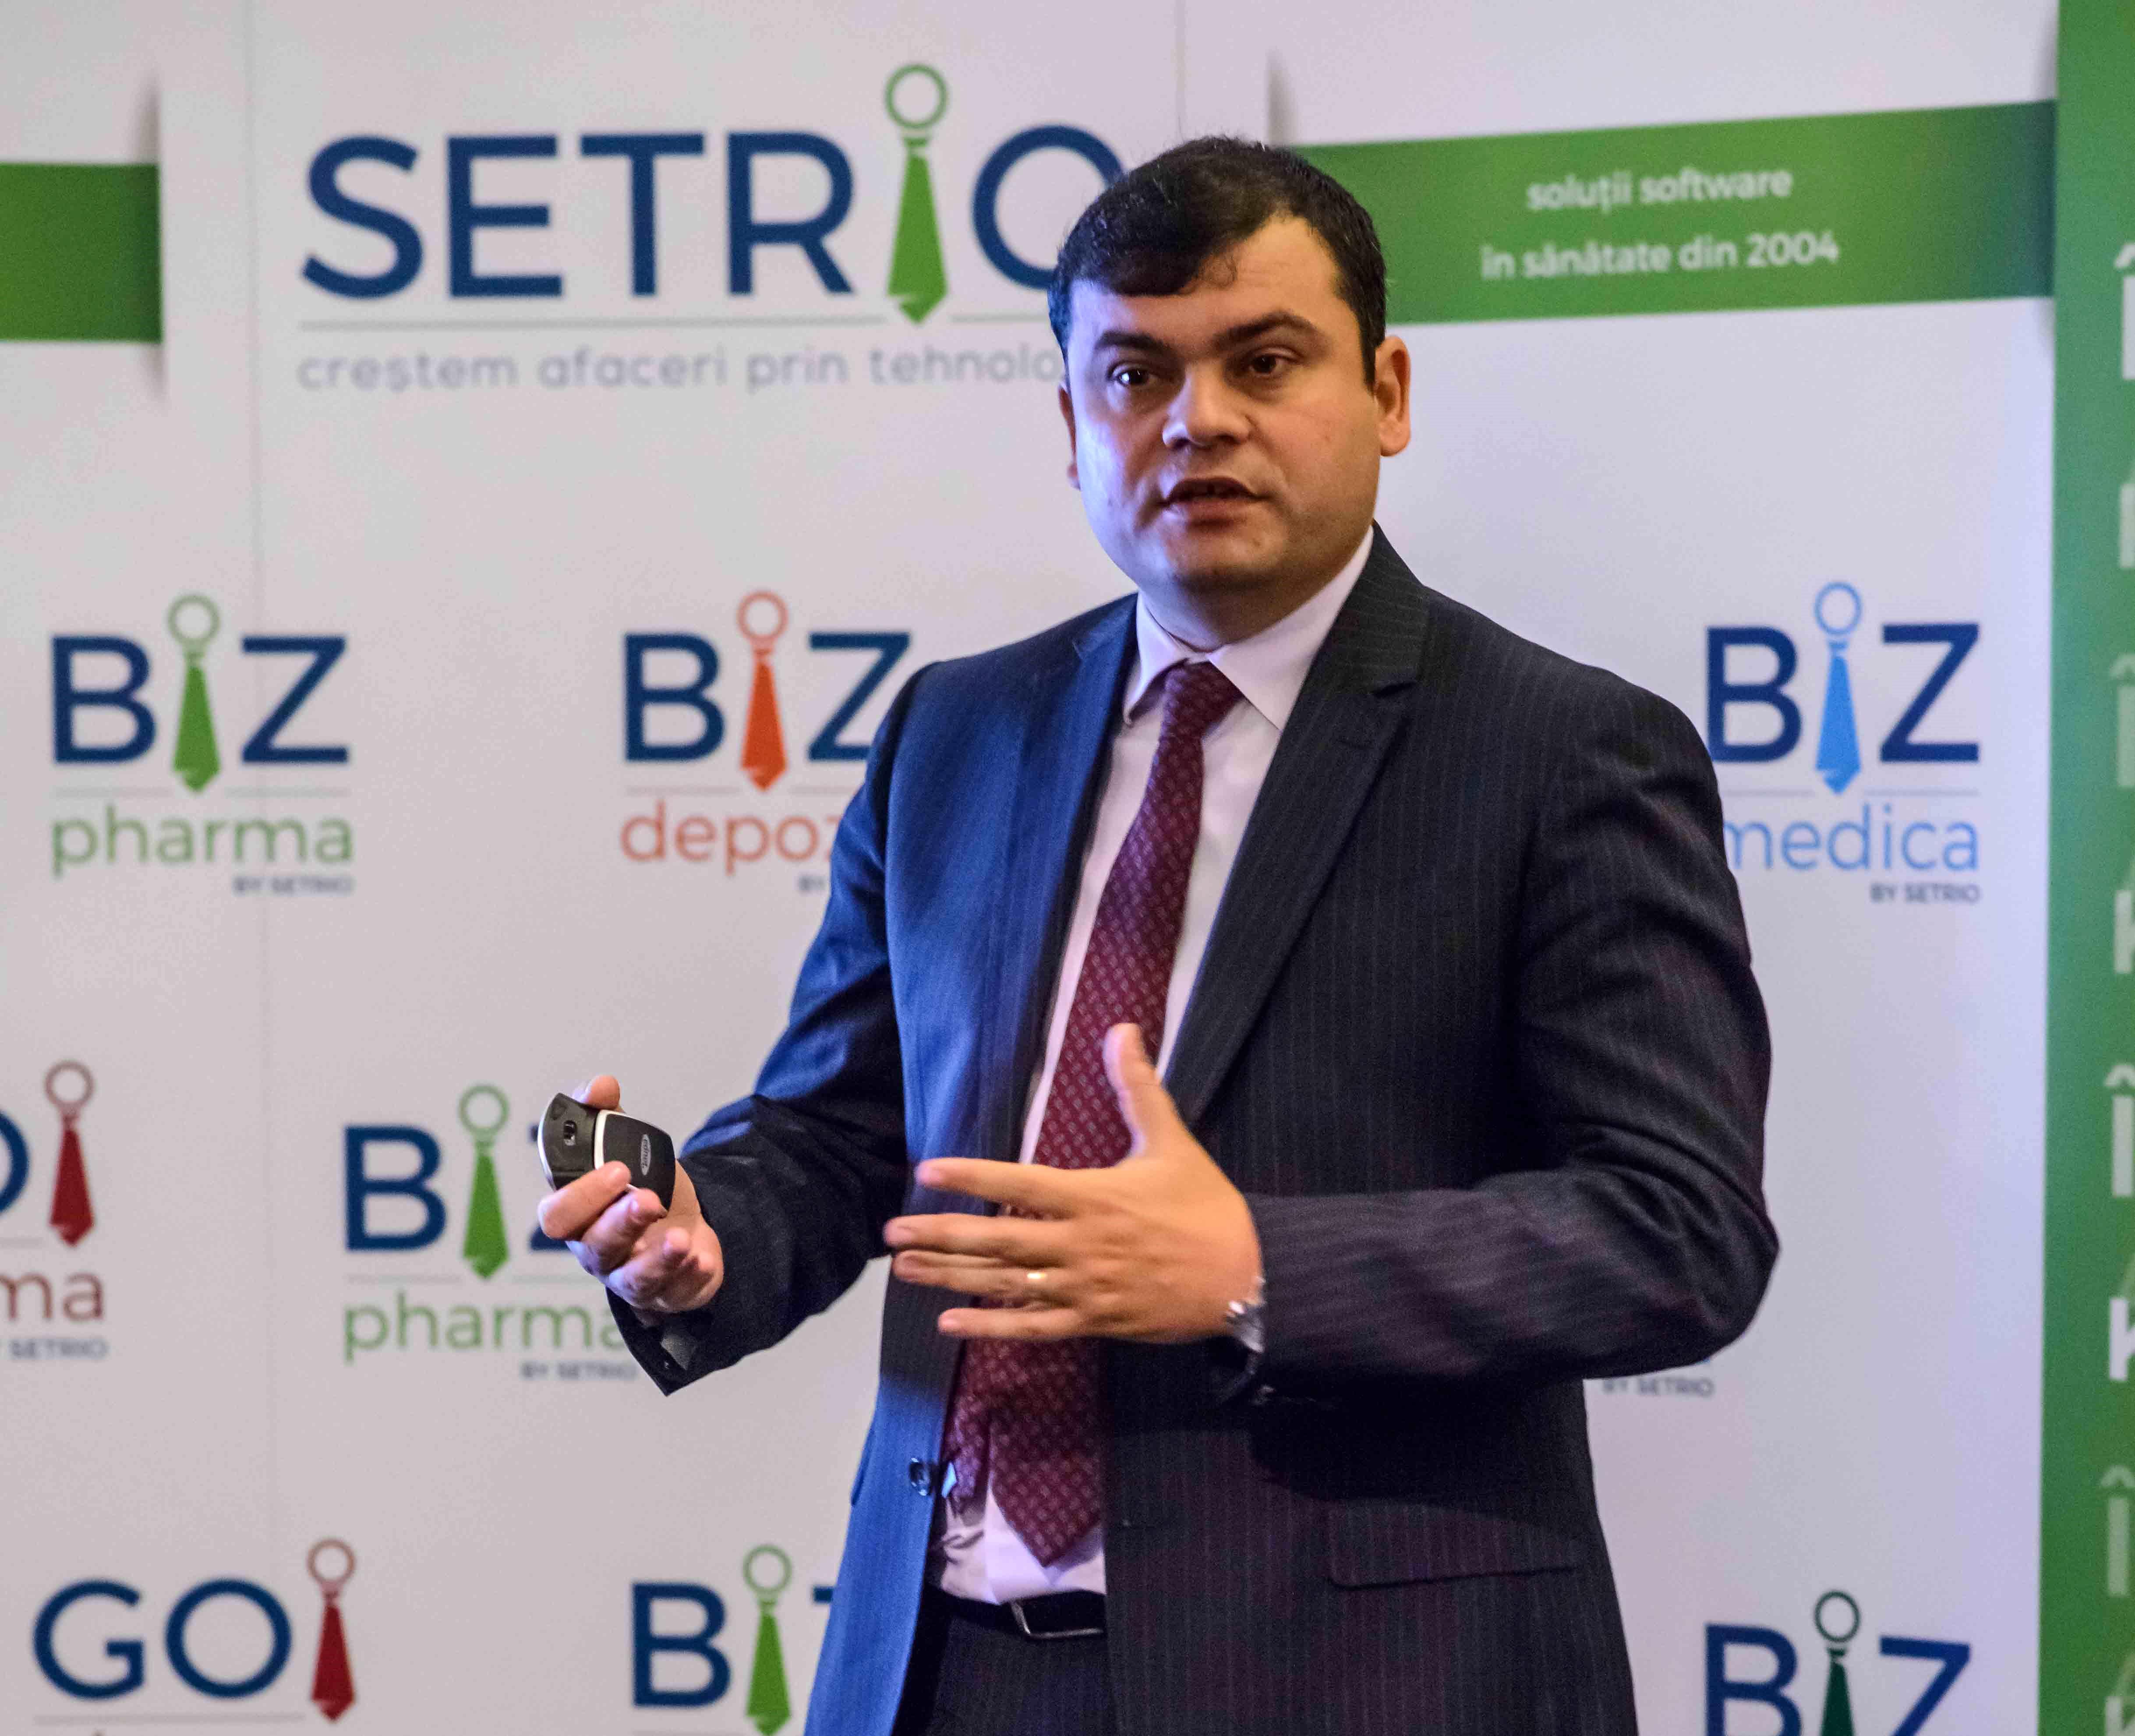 GoPharma, platforma online a Setrio Soft, a înregistrat creșteri de până la 10 ori în primele 6 luni de la lansare